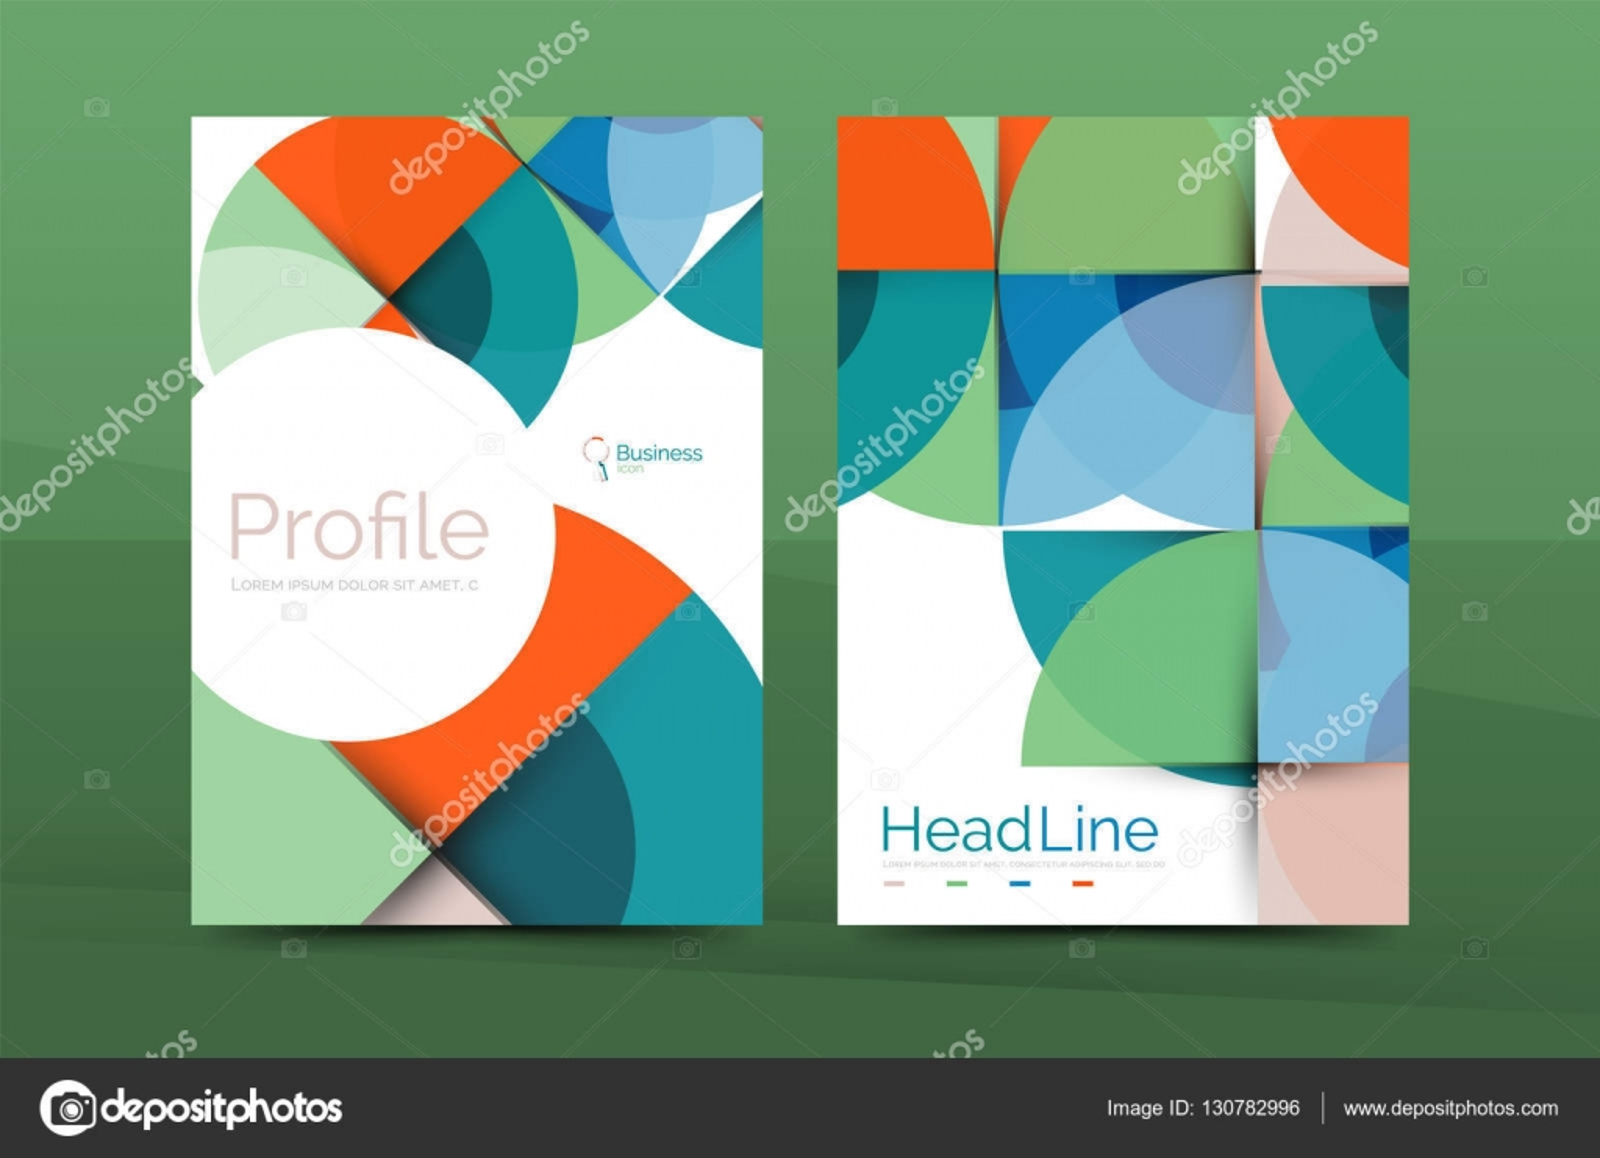 Business Deposit Book Cover ~ 业务年度报告封面设计模板 — 图库矢量图像 akomov